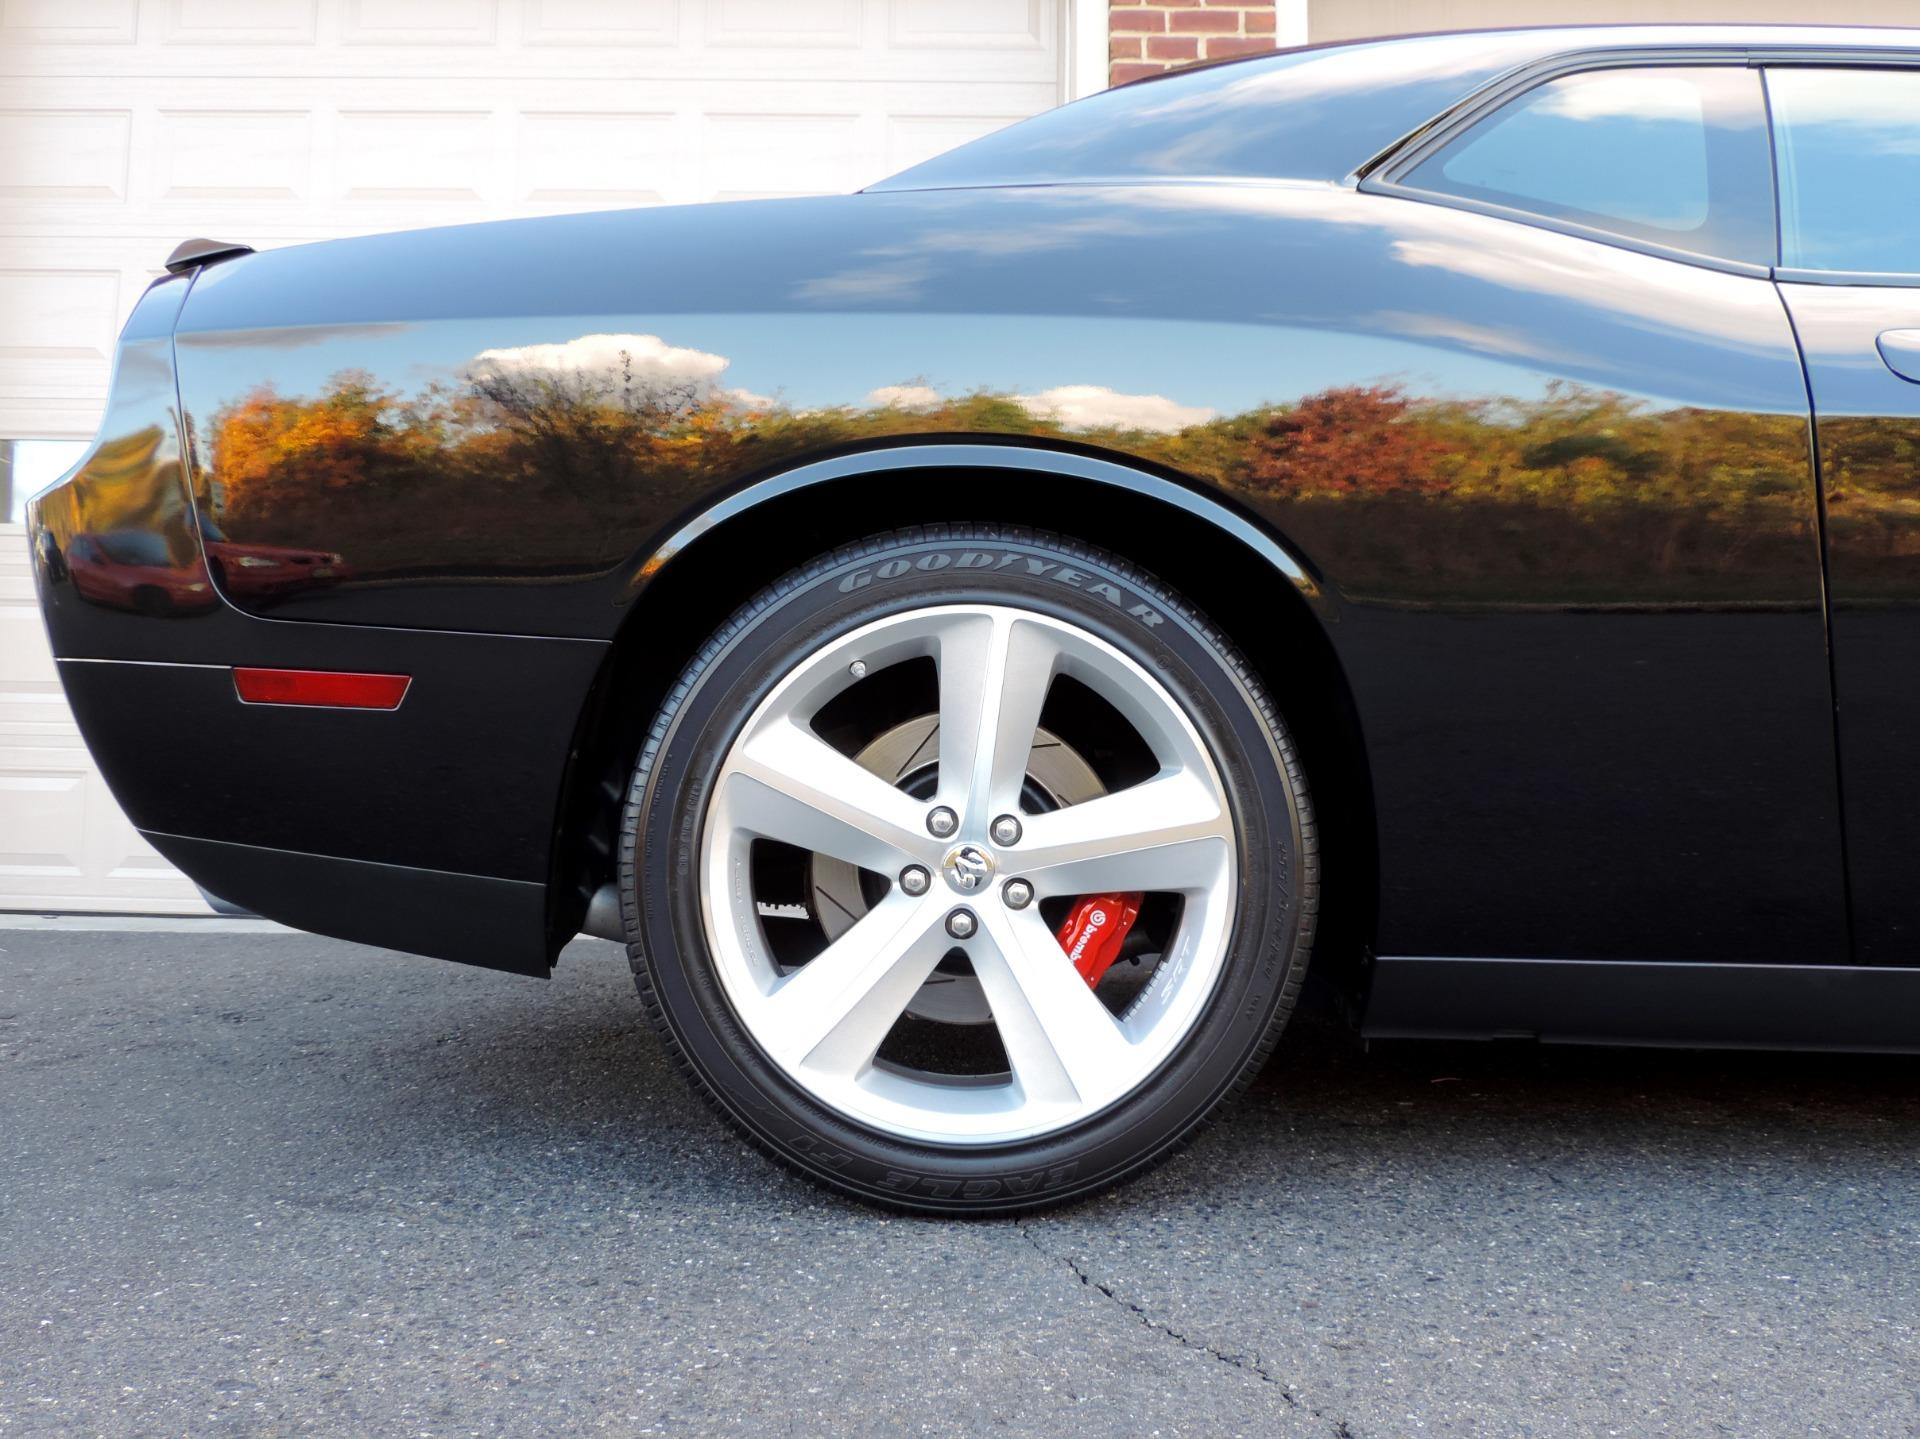 2009 Dodge Challenger Srt8 Stock 633639 For Sale Near